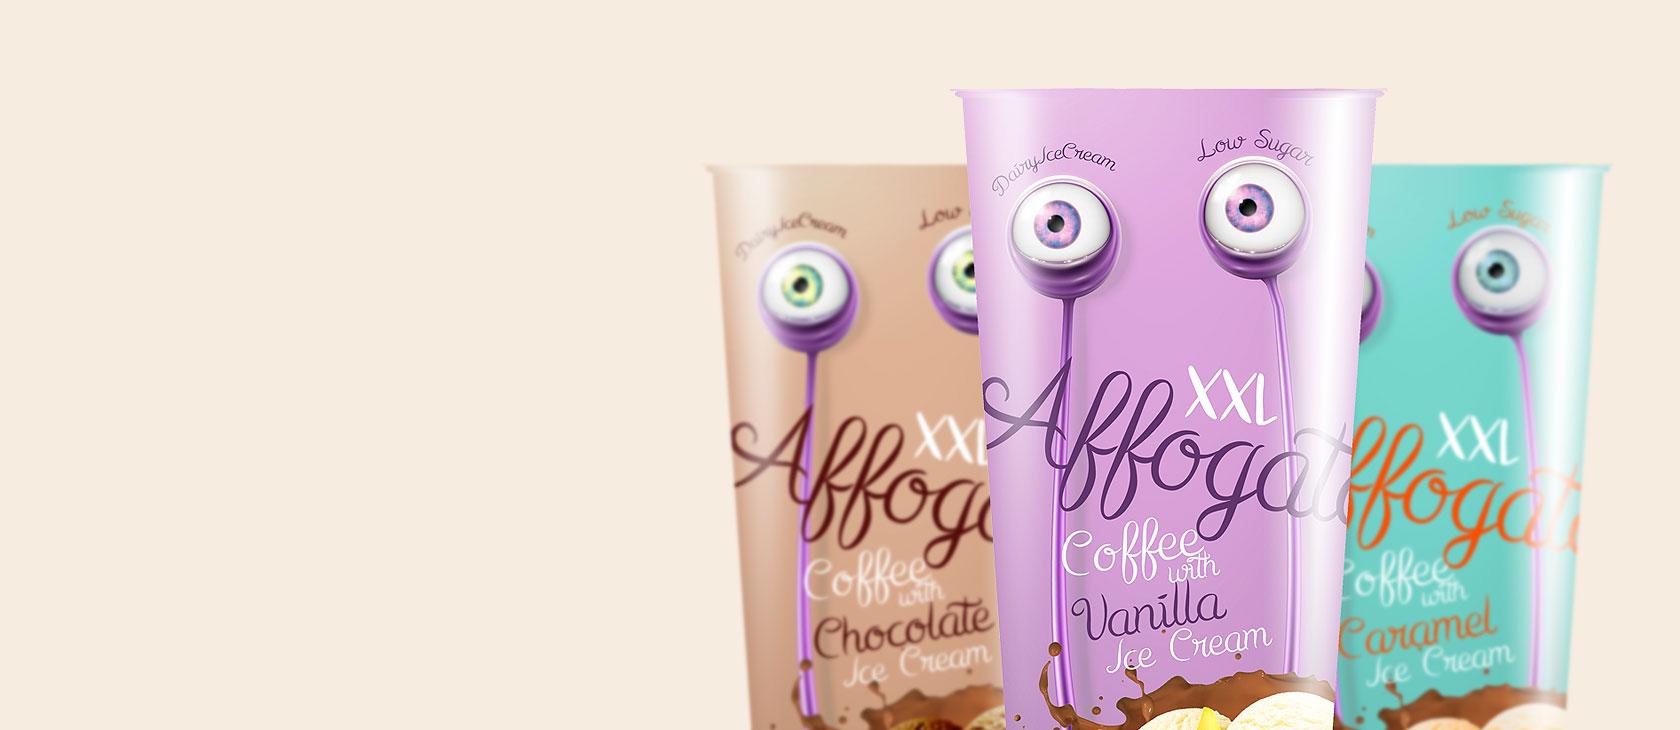 Obalový design pro <span>zmrzlinu a nápoj affogato</span>